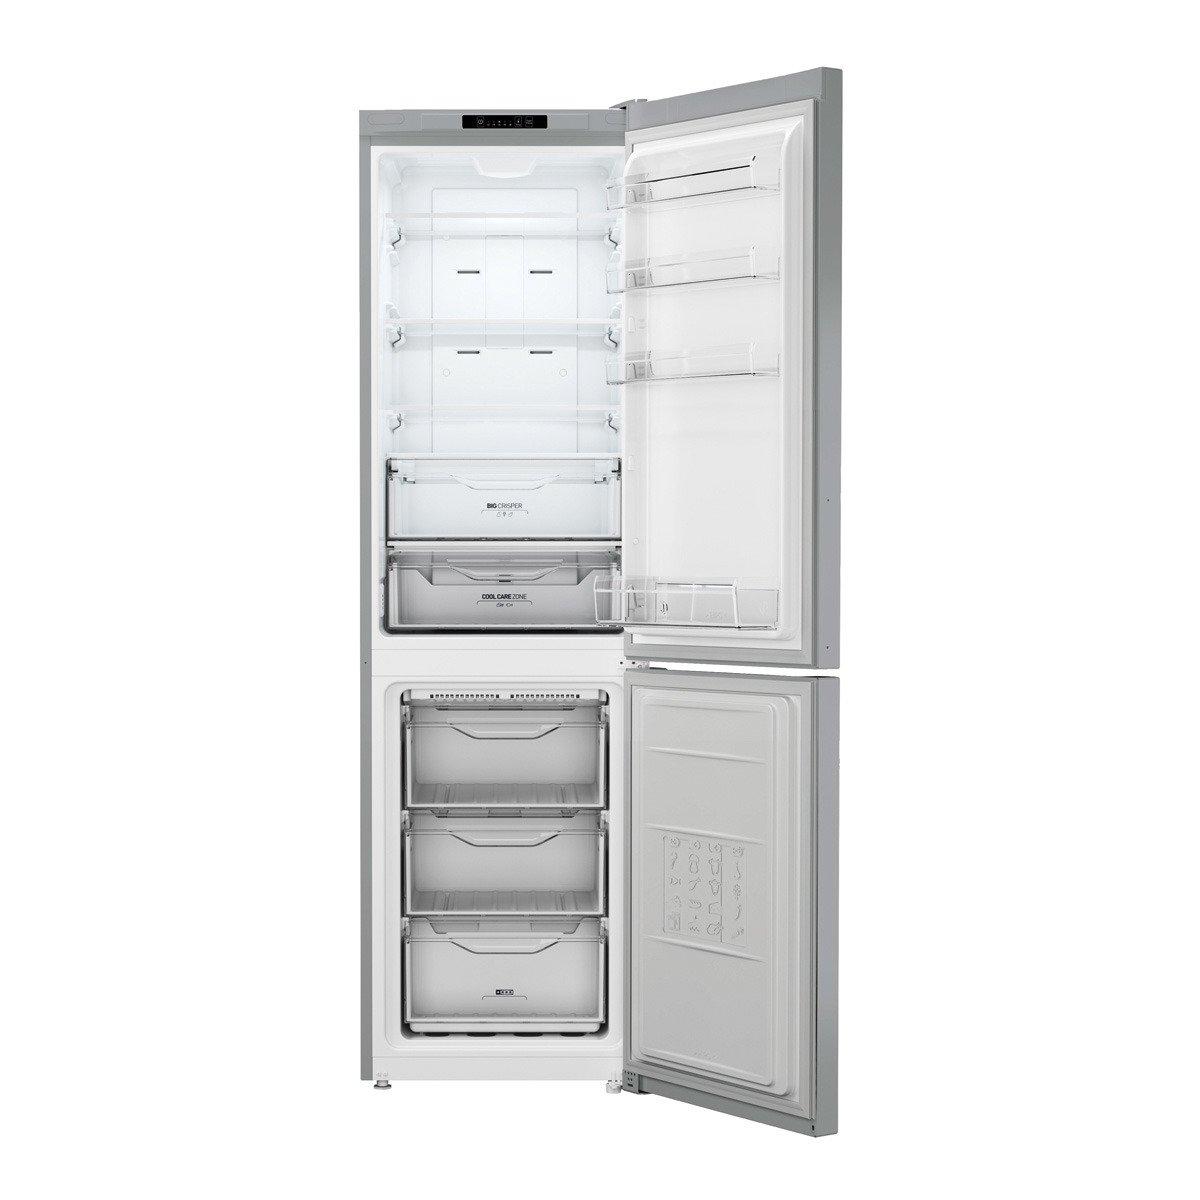 INDESIT COMBI 200 A+ NF INOX: Amazon.es: Grandes electrodomésticos